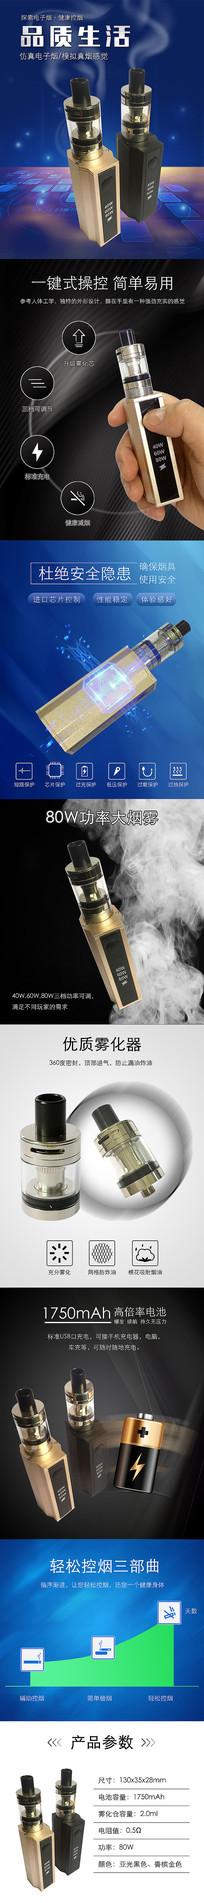 电子烟产品详情页